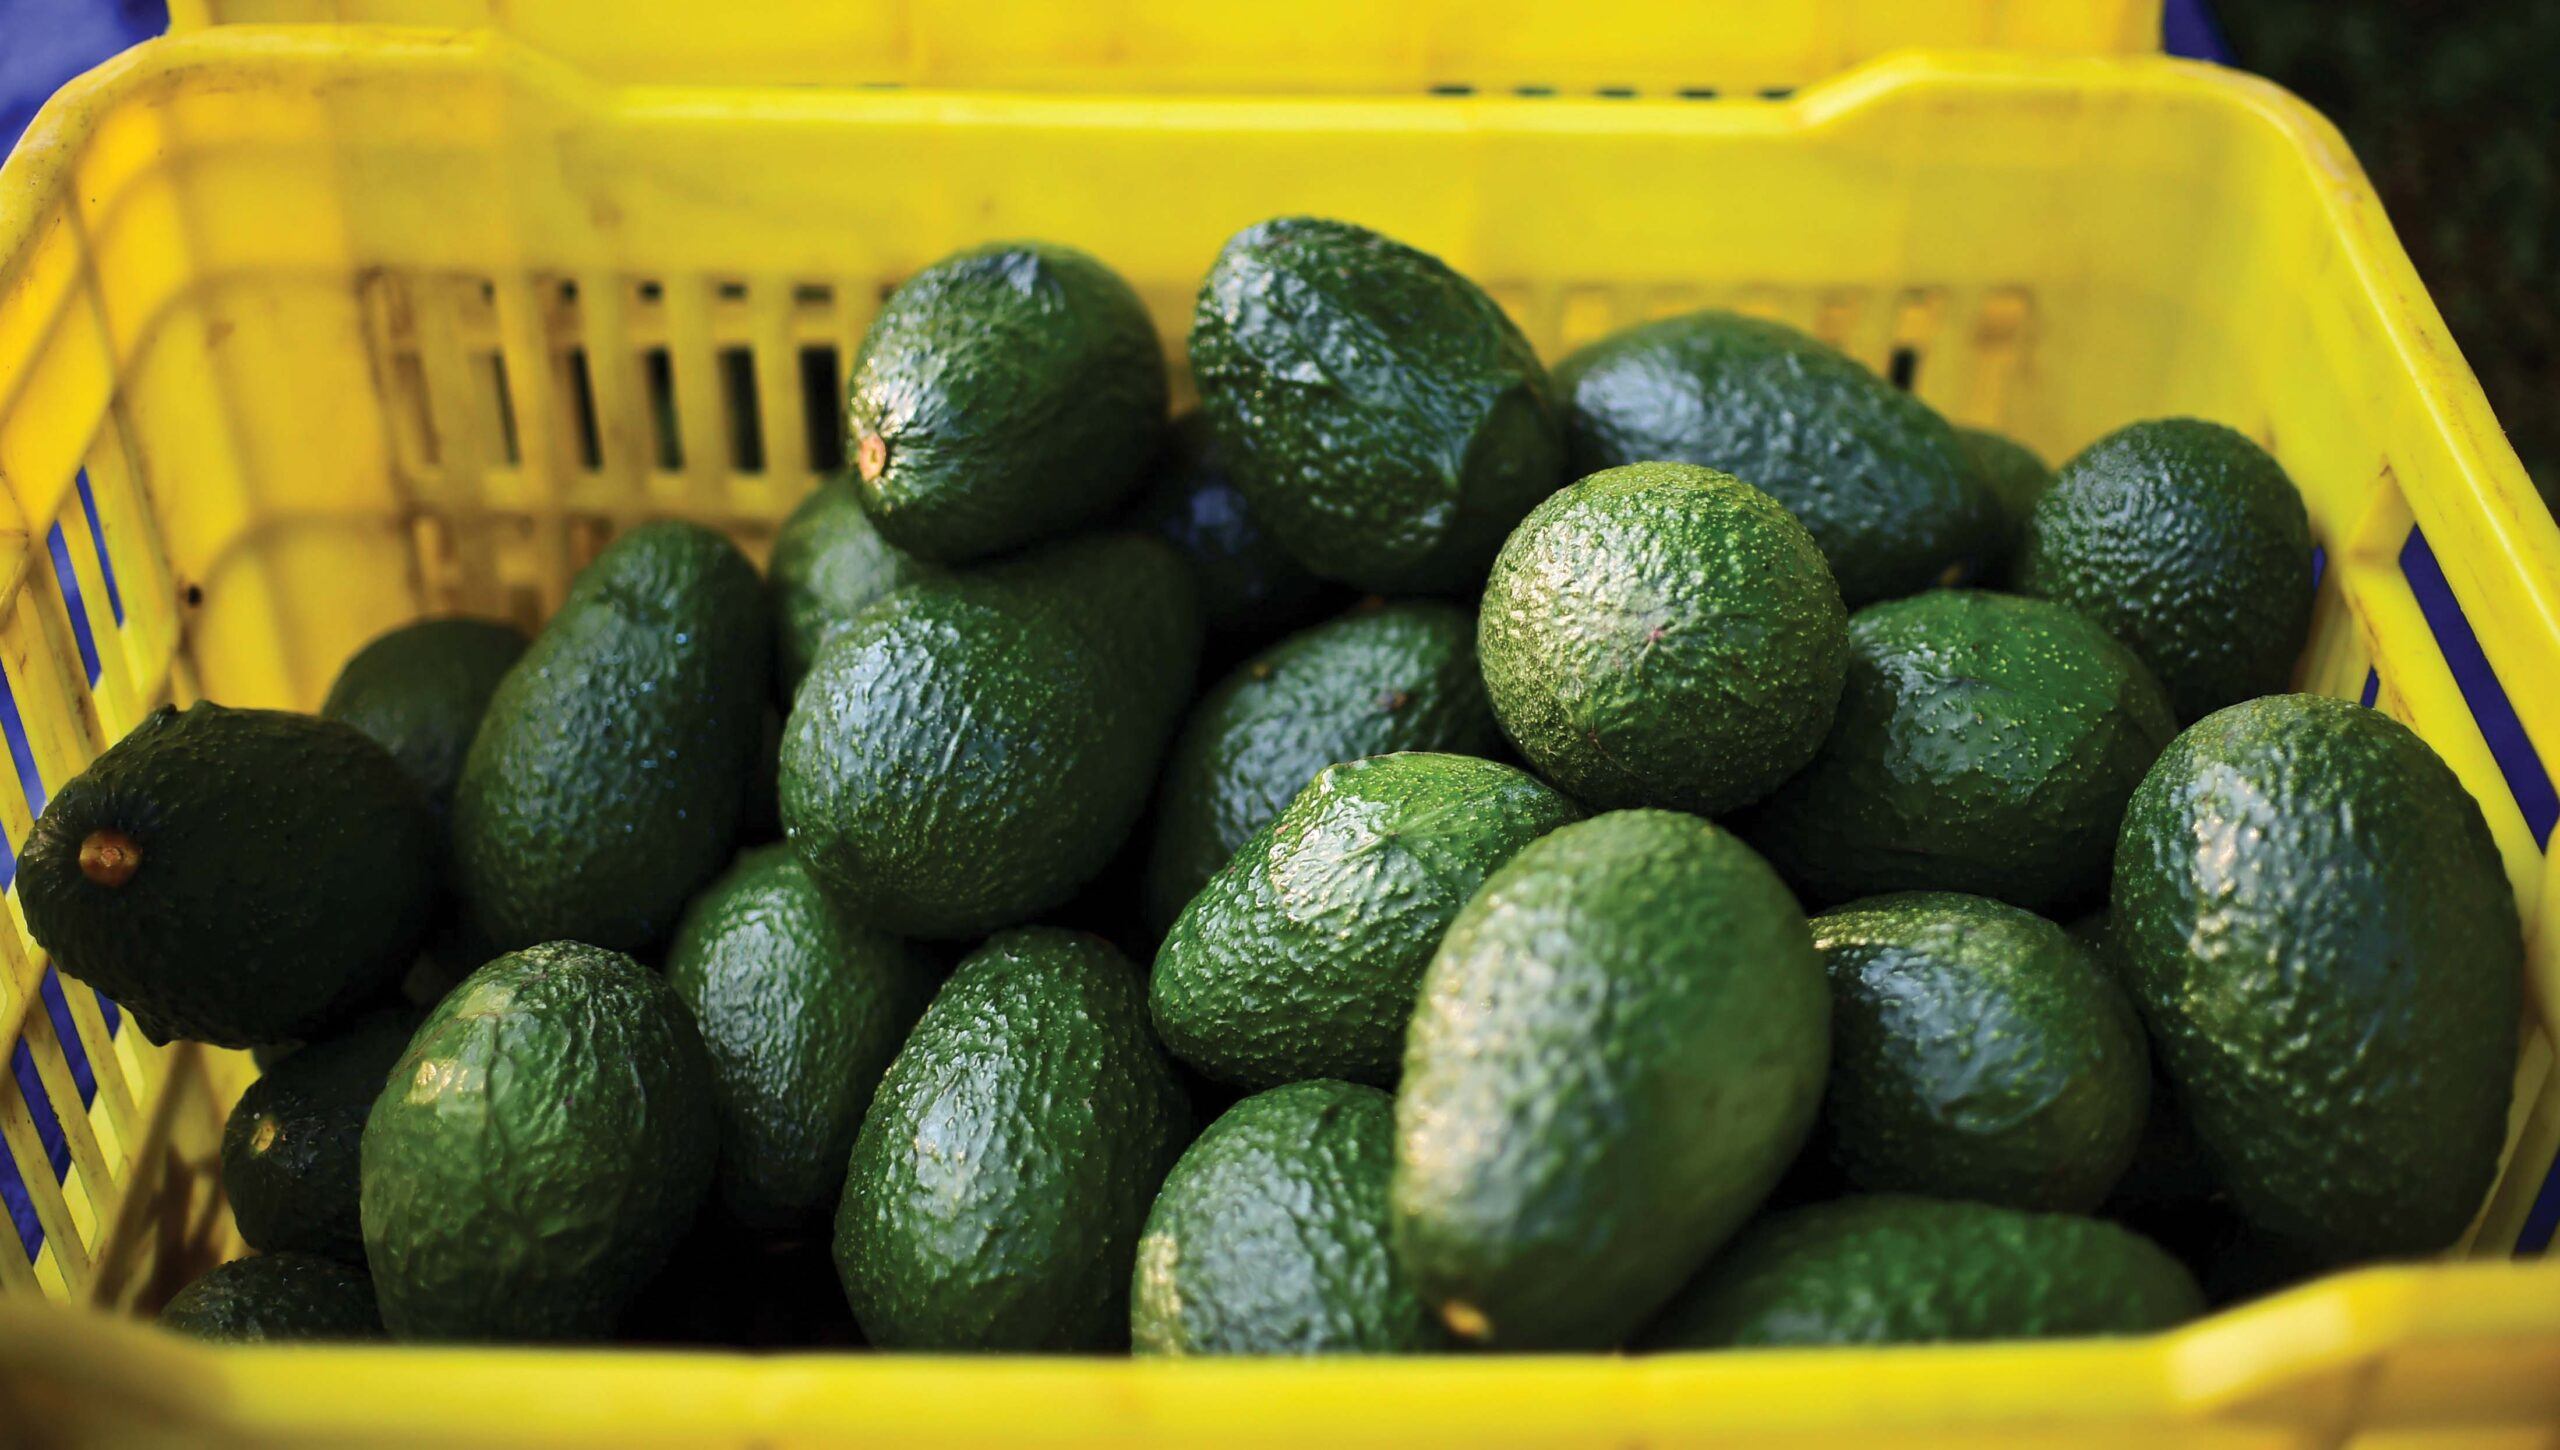 αβοκαντο δεντρο φυτό - avocado hellas